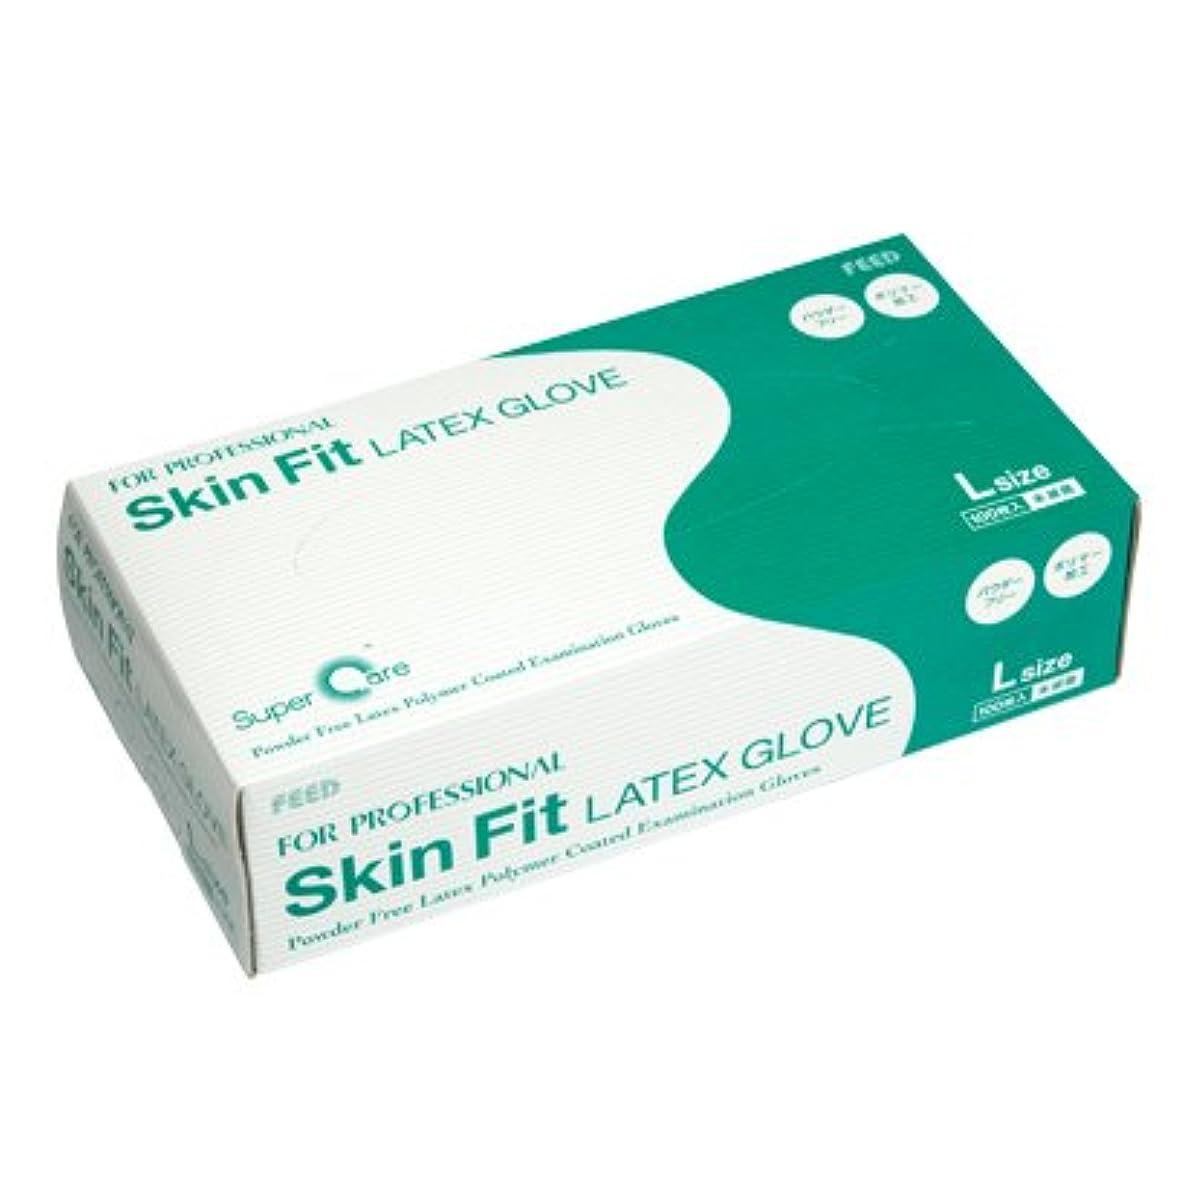 放散する素晴らしきセットアップFEED(フィード) Skin Fit ラテックスグローブ パウダーフリー ポリマー加工 L カートン(100枚入×10ケース) (医療機器)